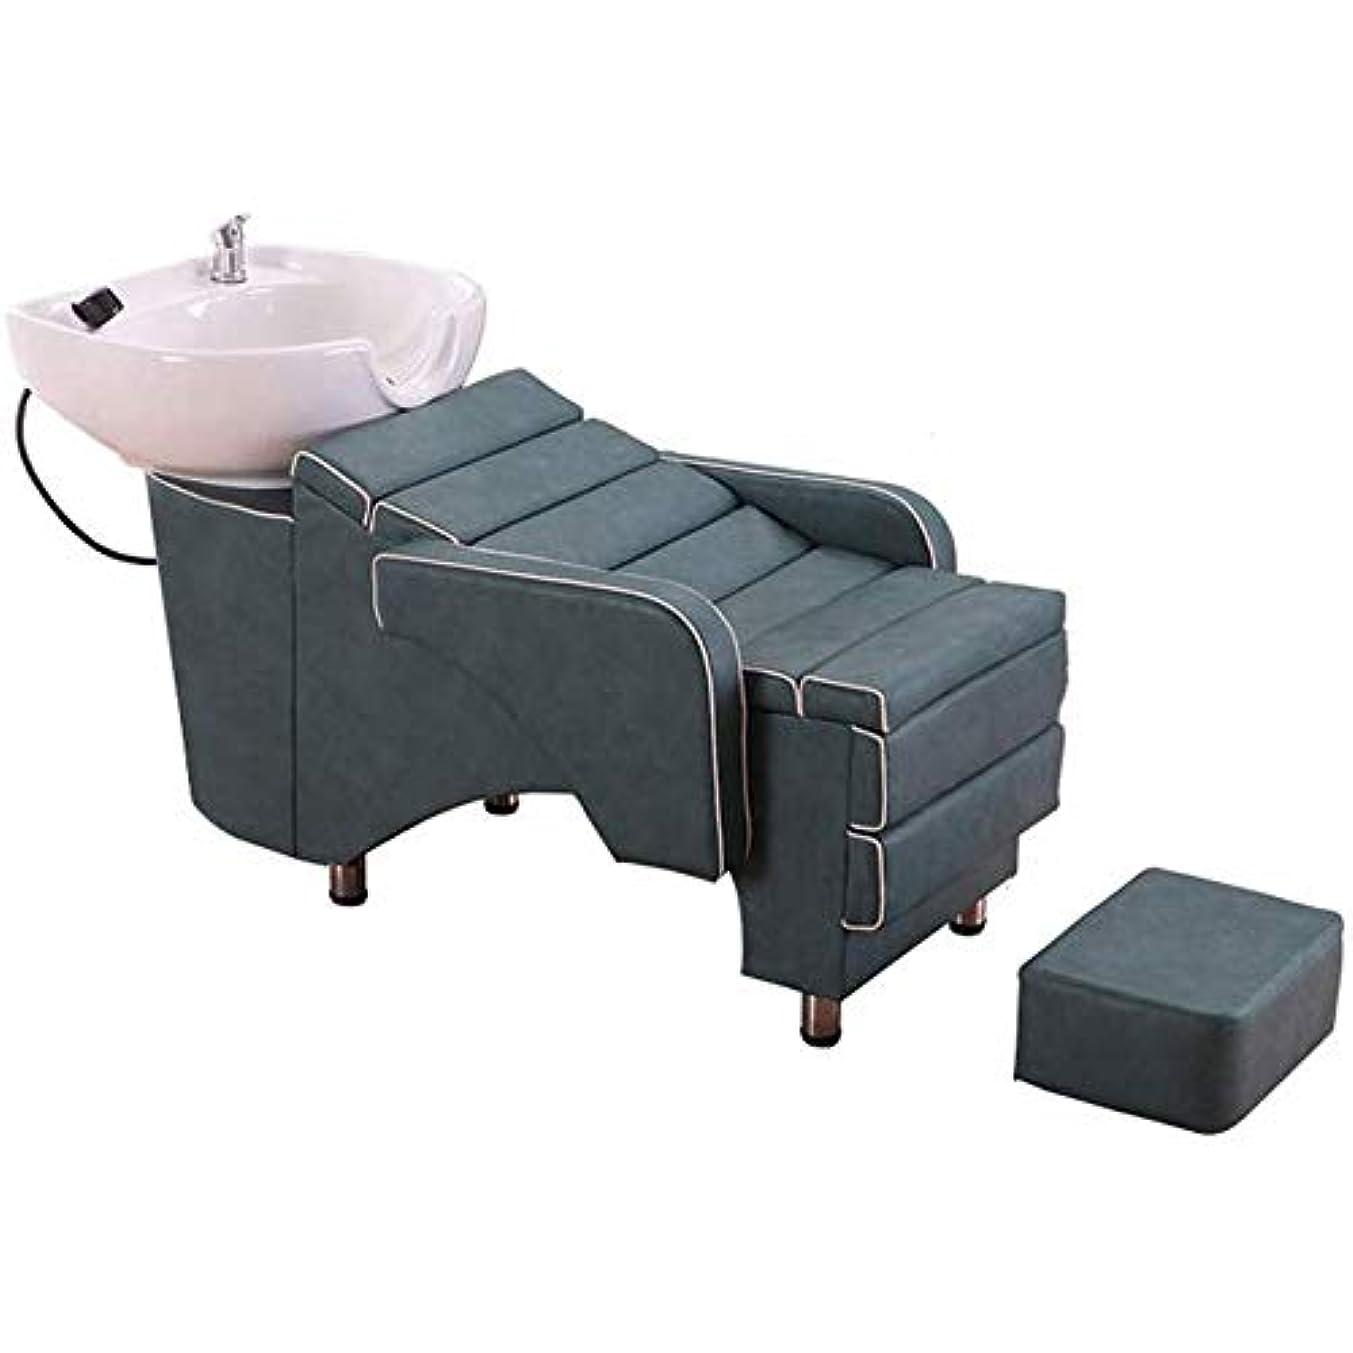 義務づける影響する旅行シャンプー理容室逆洗椅子、逆洗ユニットシャンプーボウル理髪シンク椅子用スパビューティーサロン機器理髪店専用